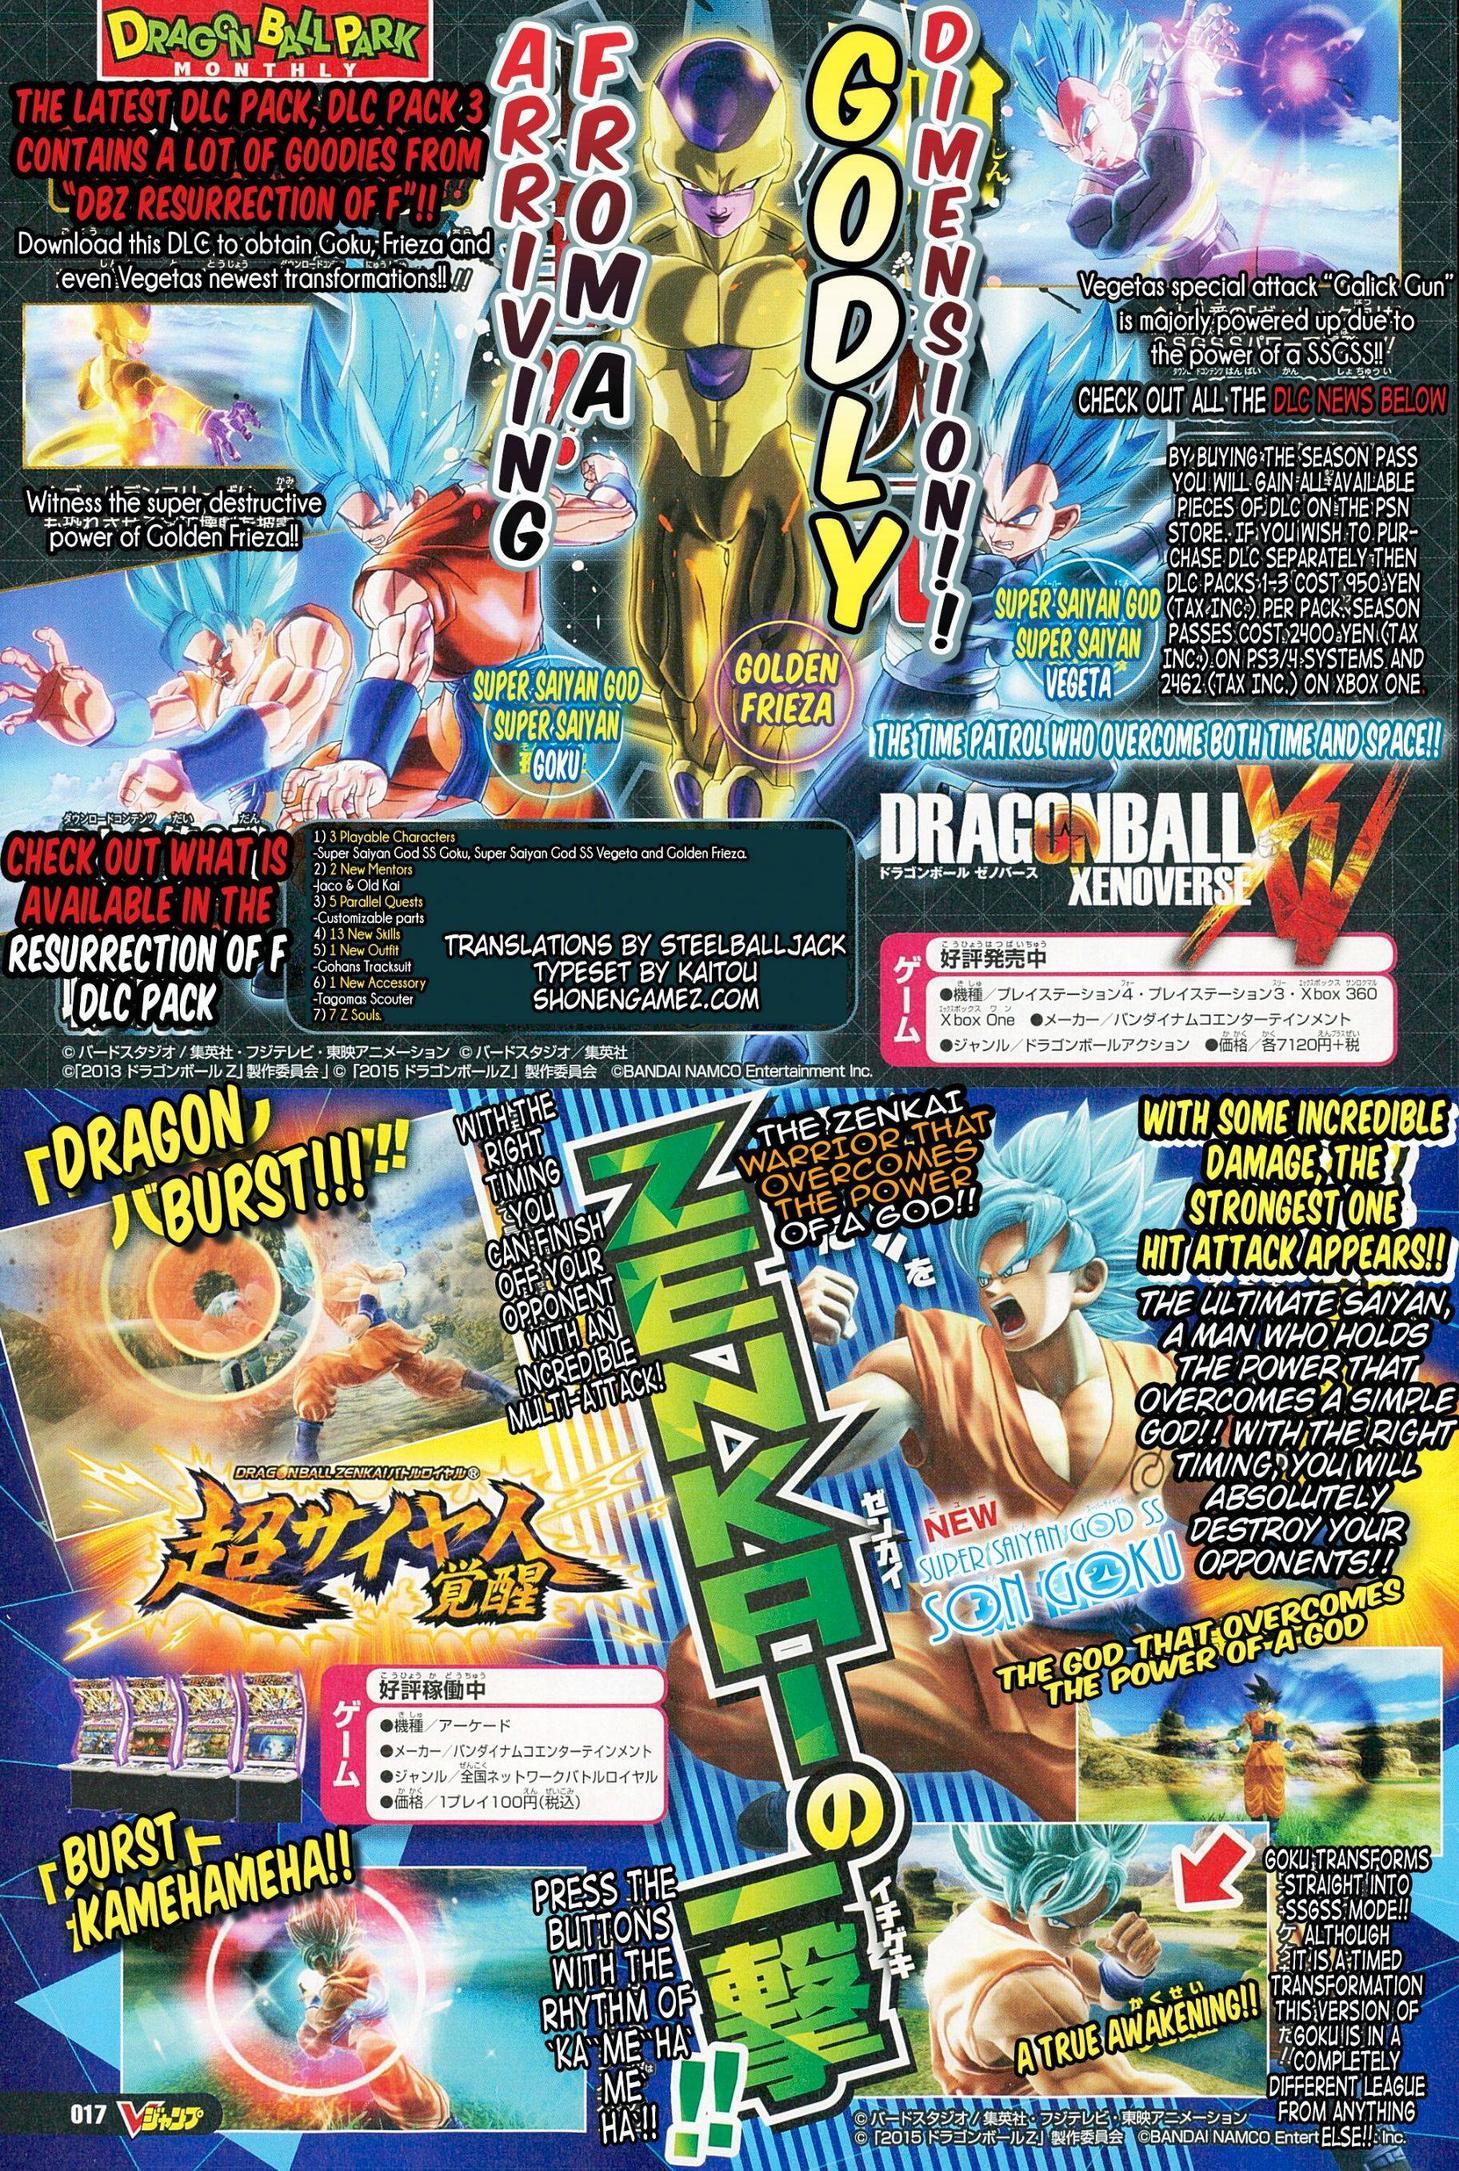 El tercer DLC de Dragon Ball Xenoverse incluirá las nuevas transformaciones de Goku y Vegeta